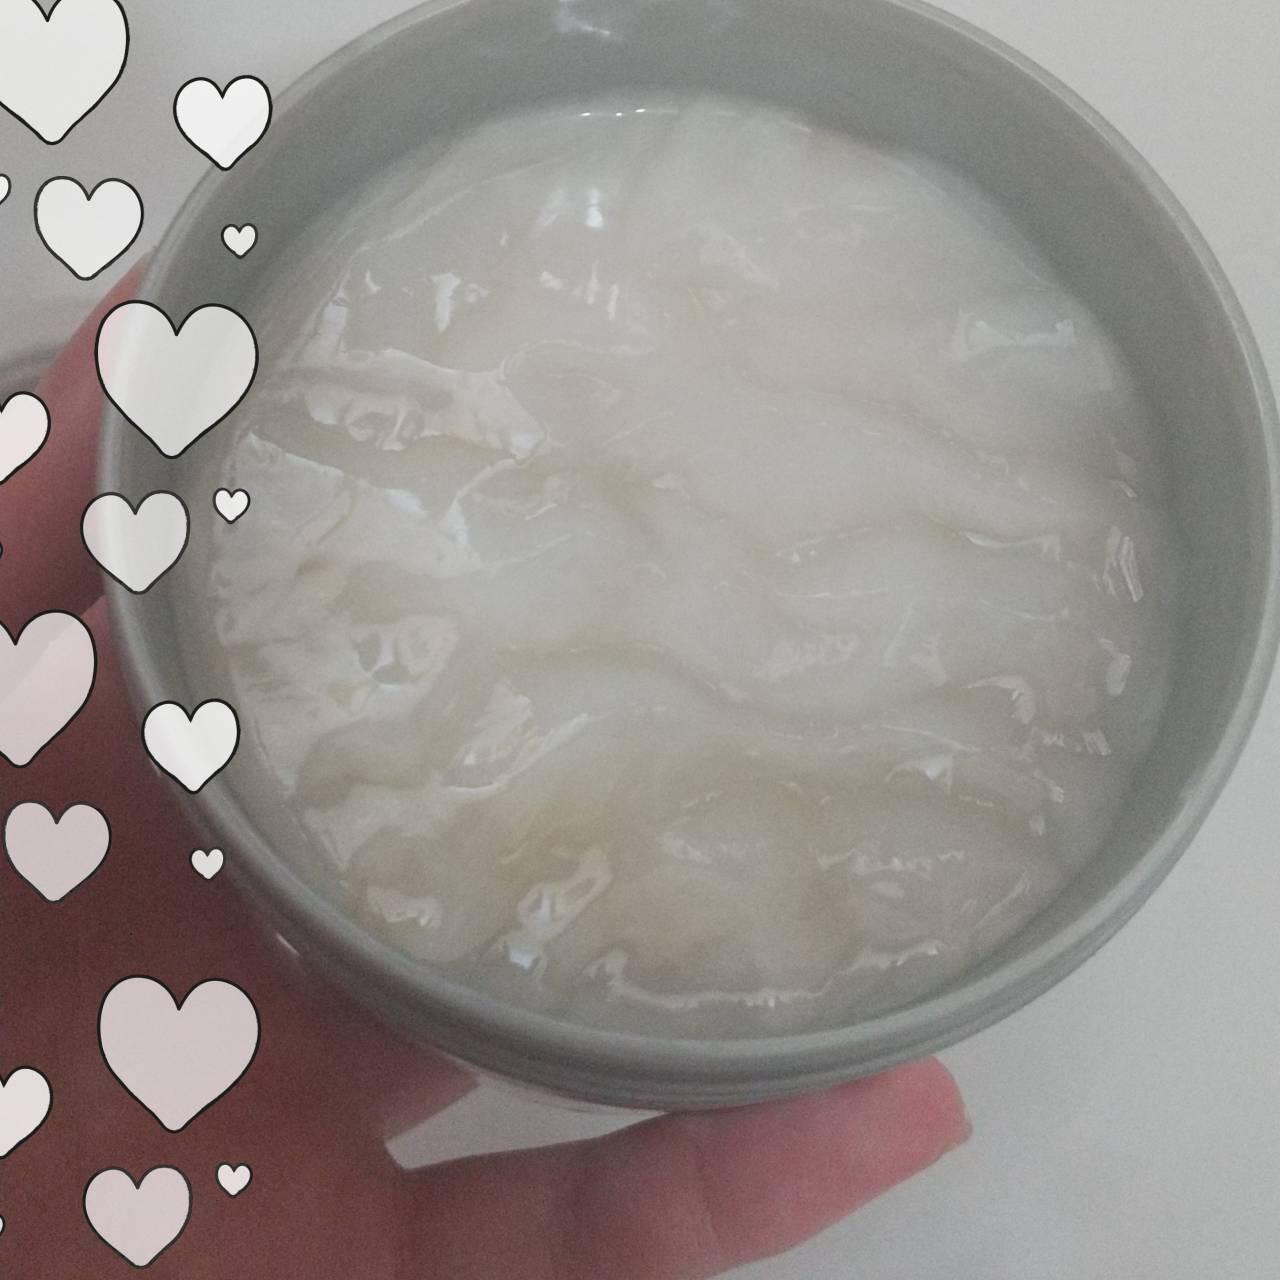 fino(フィーノ)プレミアムタッチ 浸透美容液ヘアマスクを使ったRIRIさんのクチコミ画像2